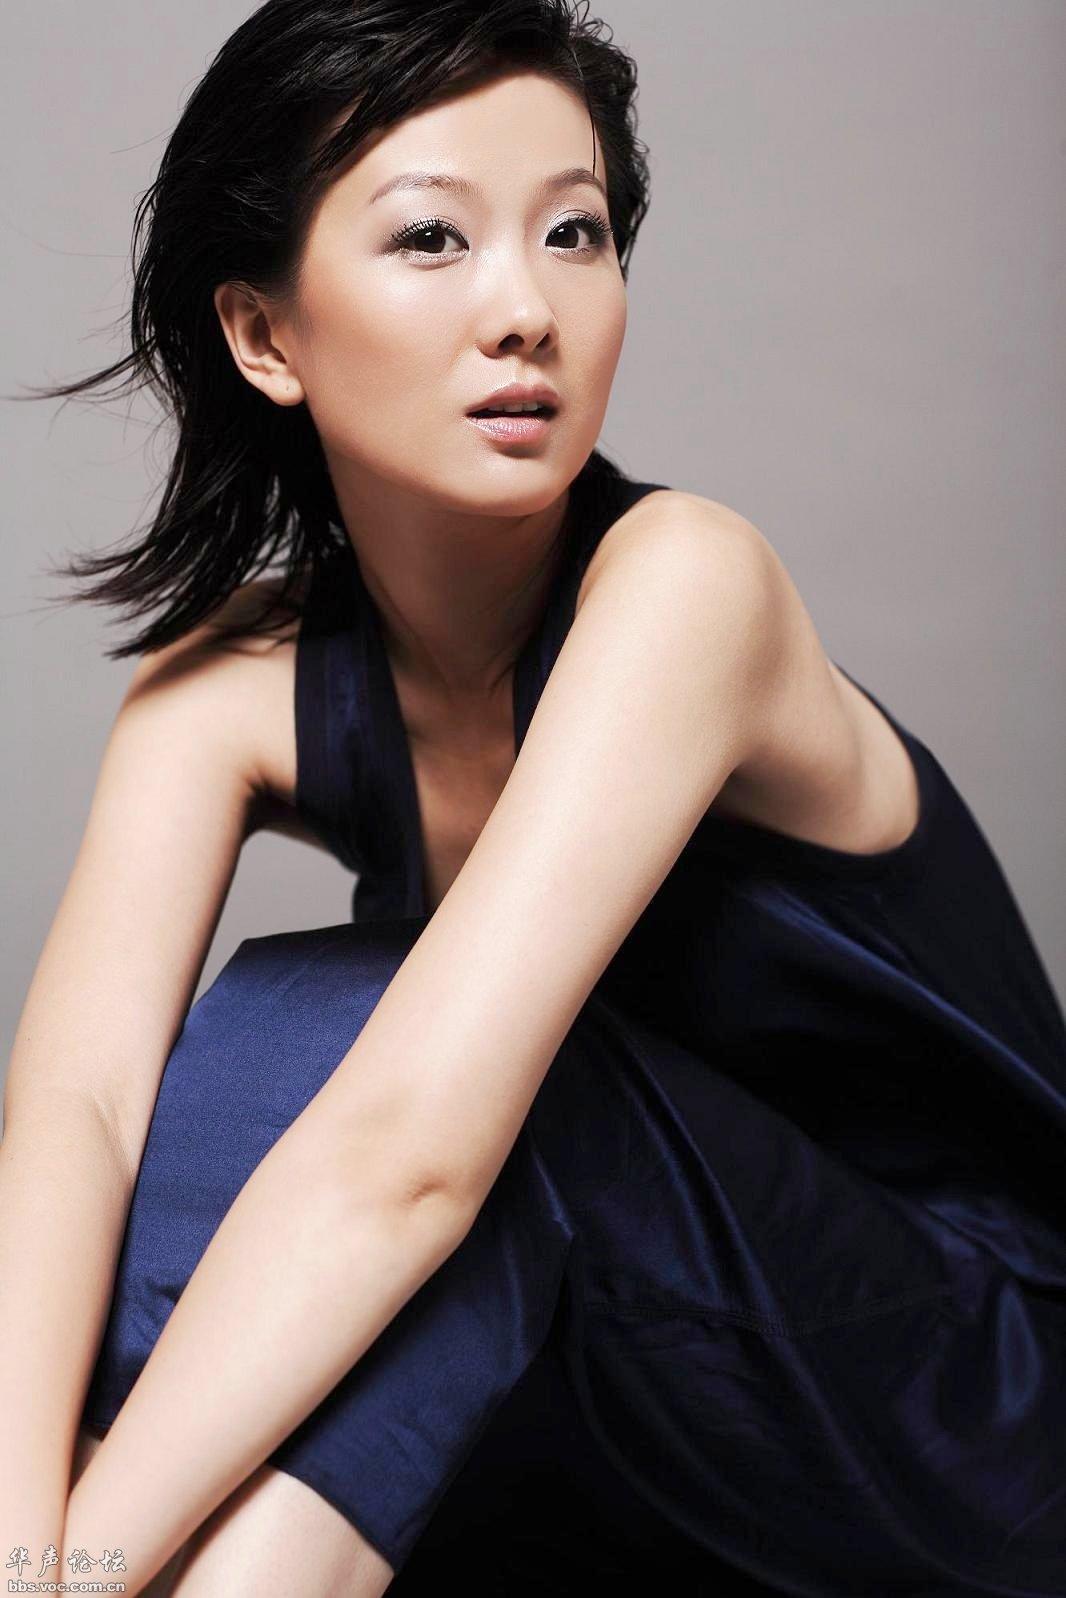 女演员刘涛个人资料_演员高斯个人资料 女演员高斯的qq 女演员高斯的老公